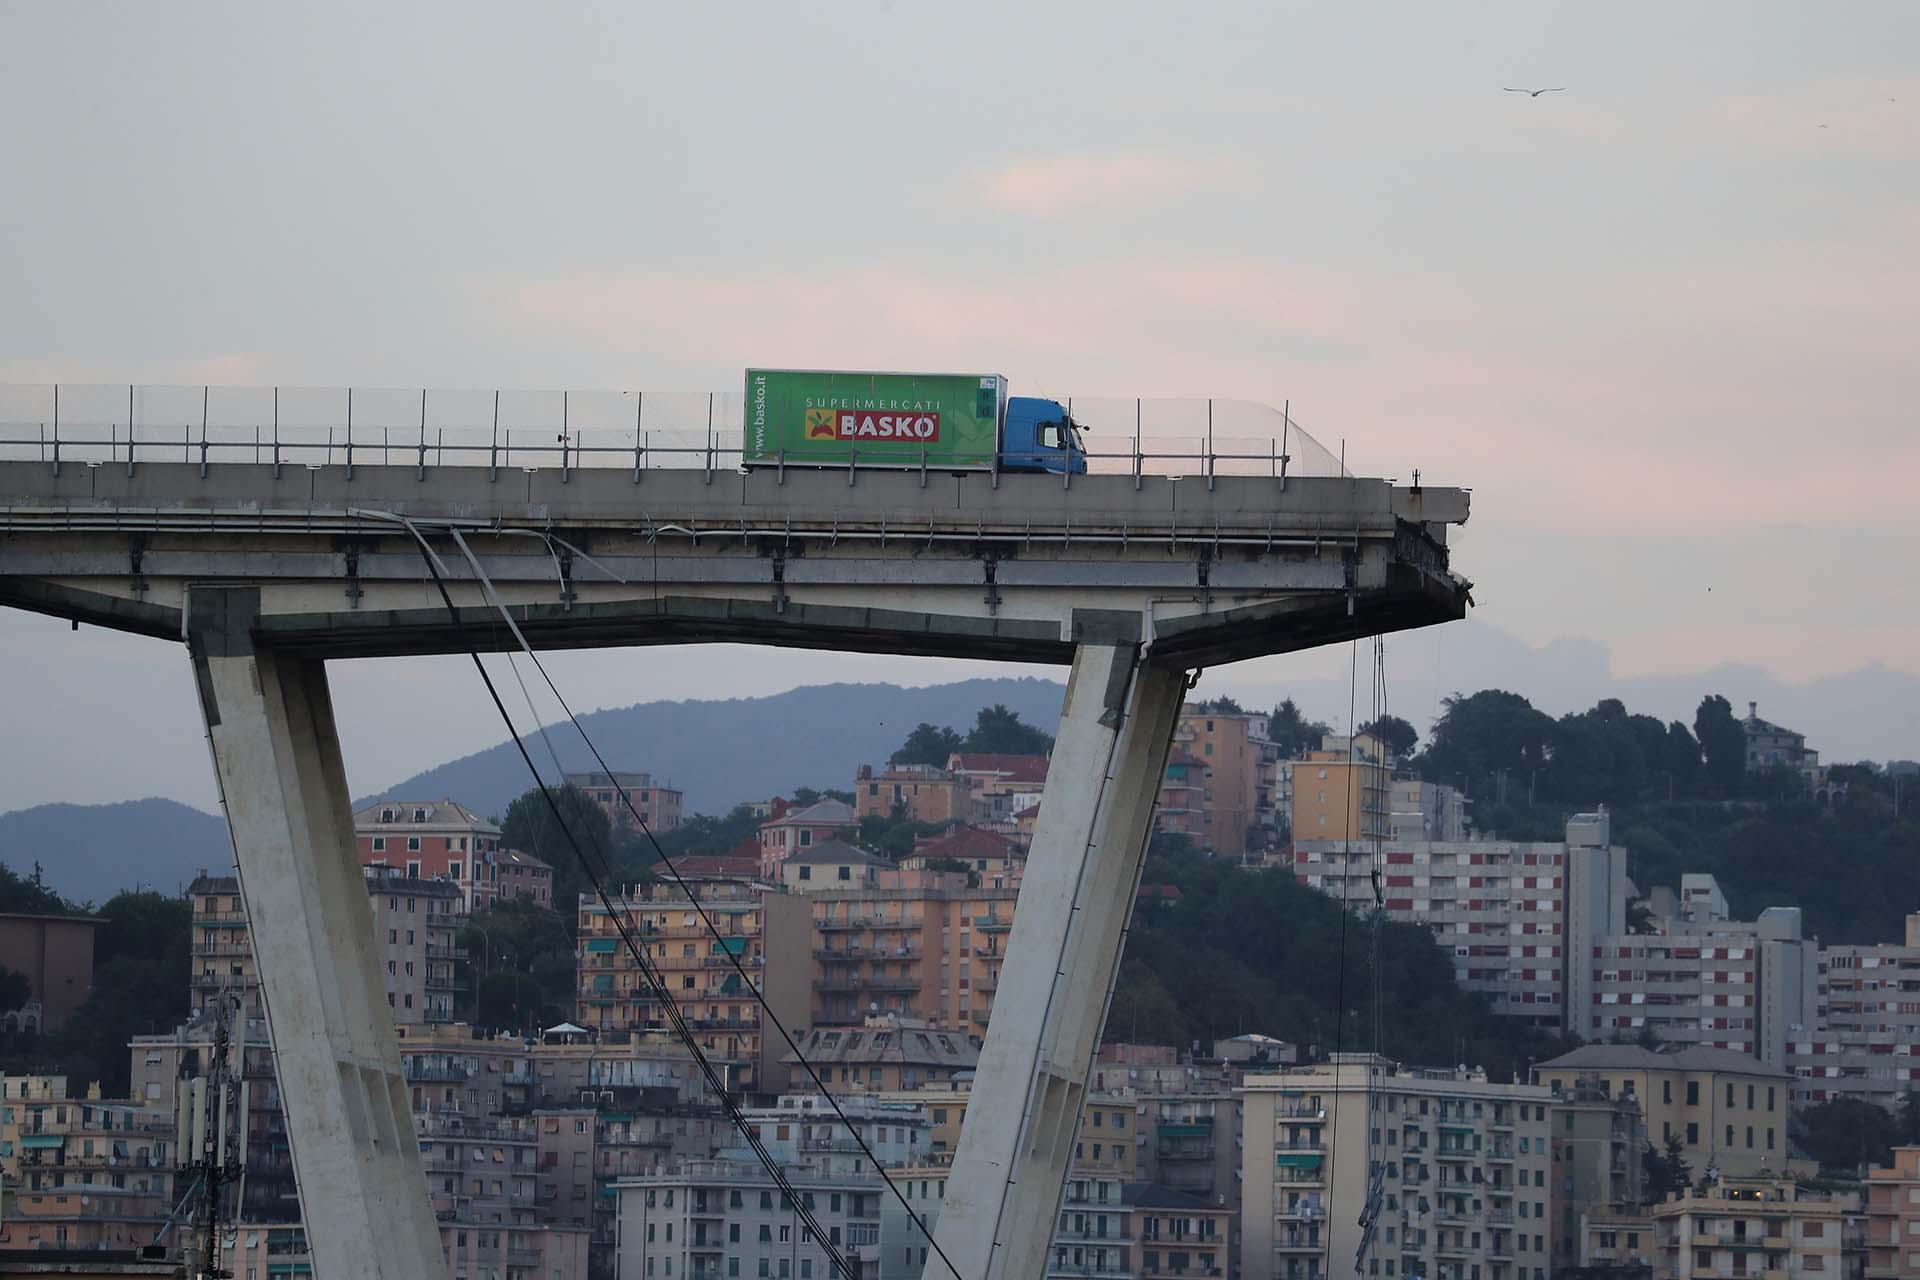 Un camión se detiene en el borde del colapsado puente Morandi, en la ciudad italiana de Genoa, el 14 de agosto. Al menos 30 personas murieron en el accidente